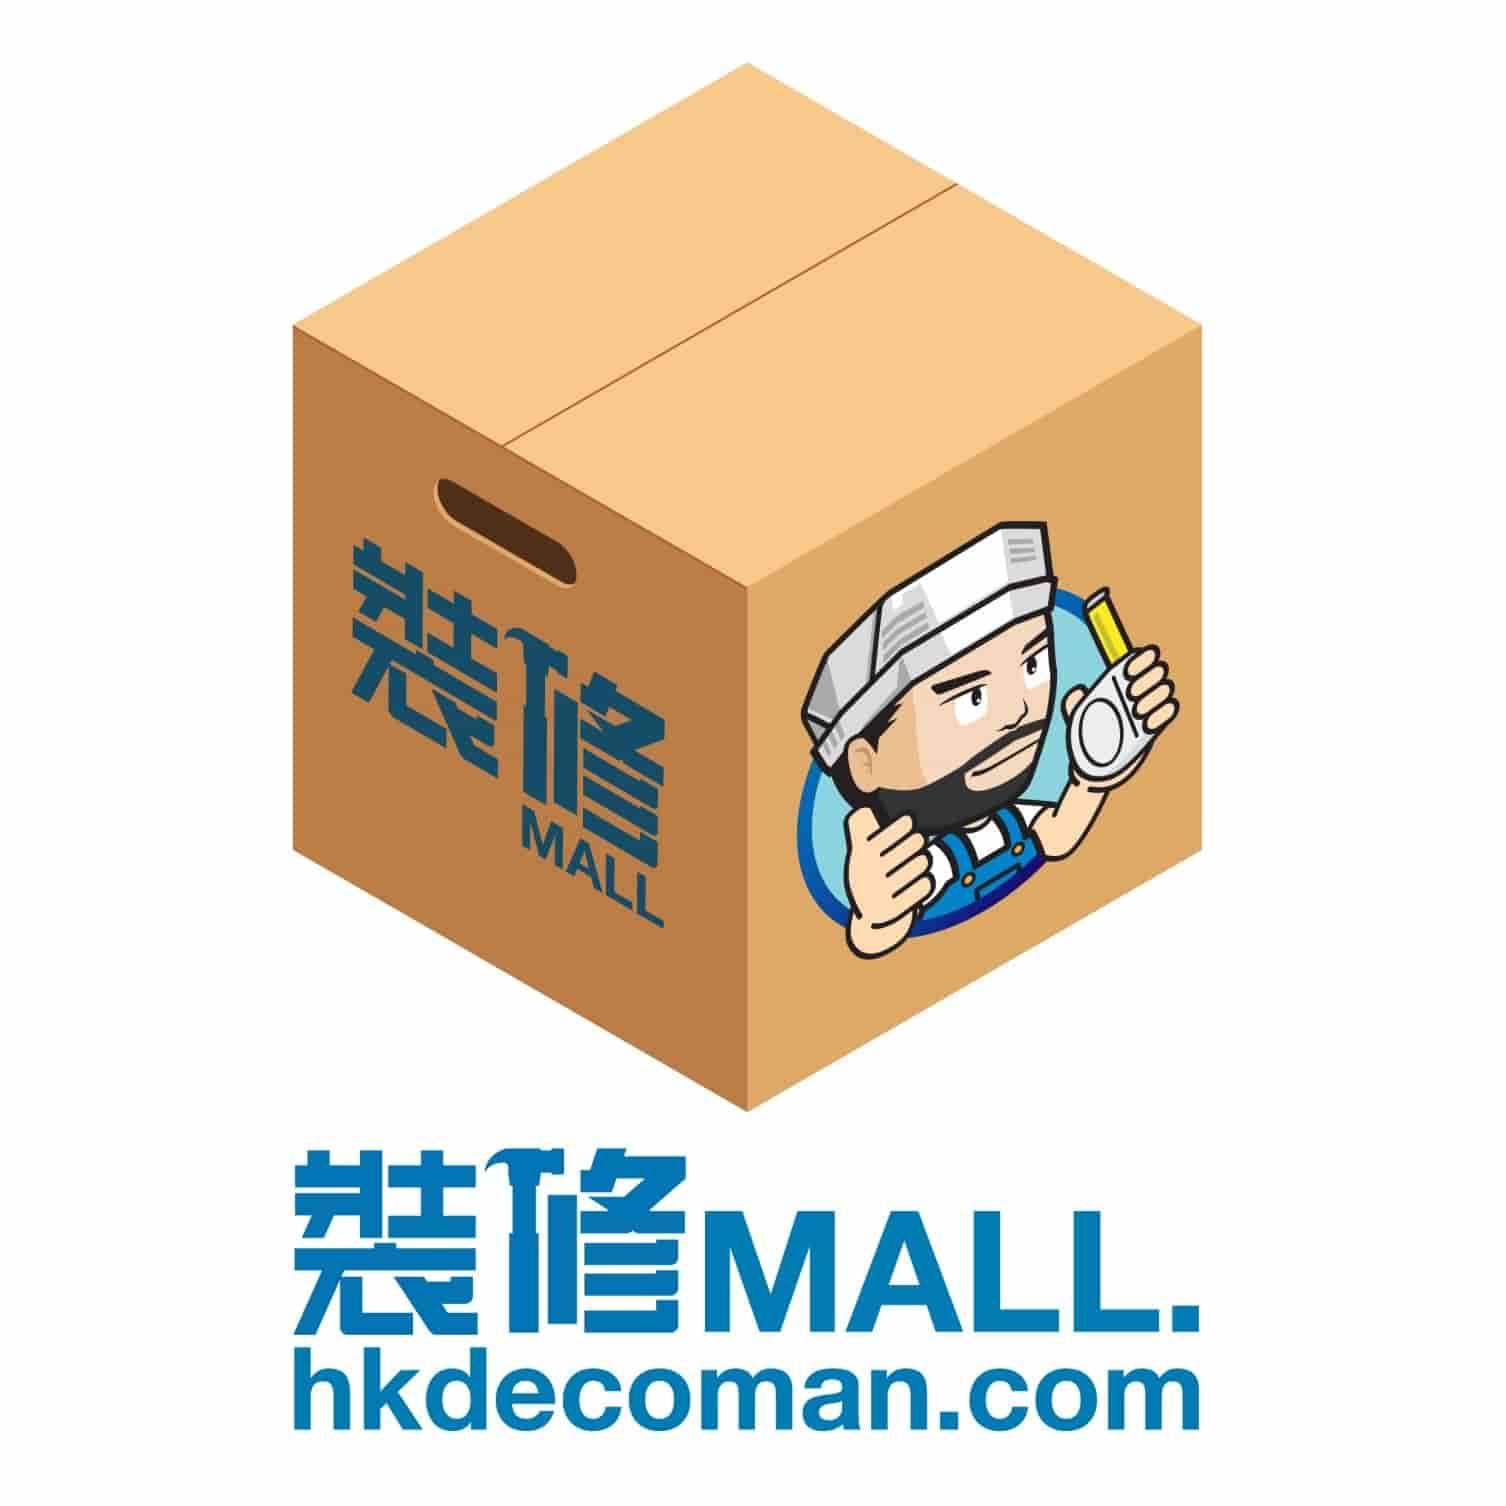 裝修mall二月優惠 及3M產品重點推介